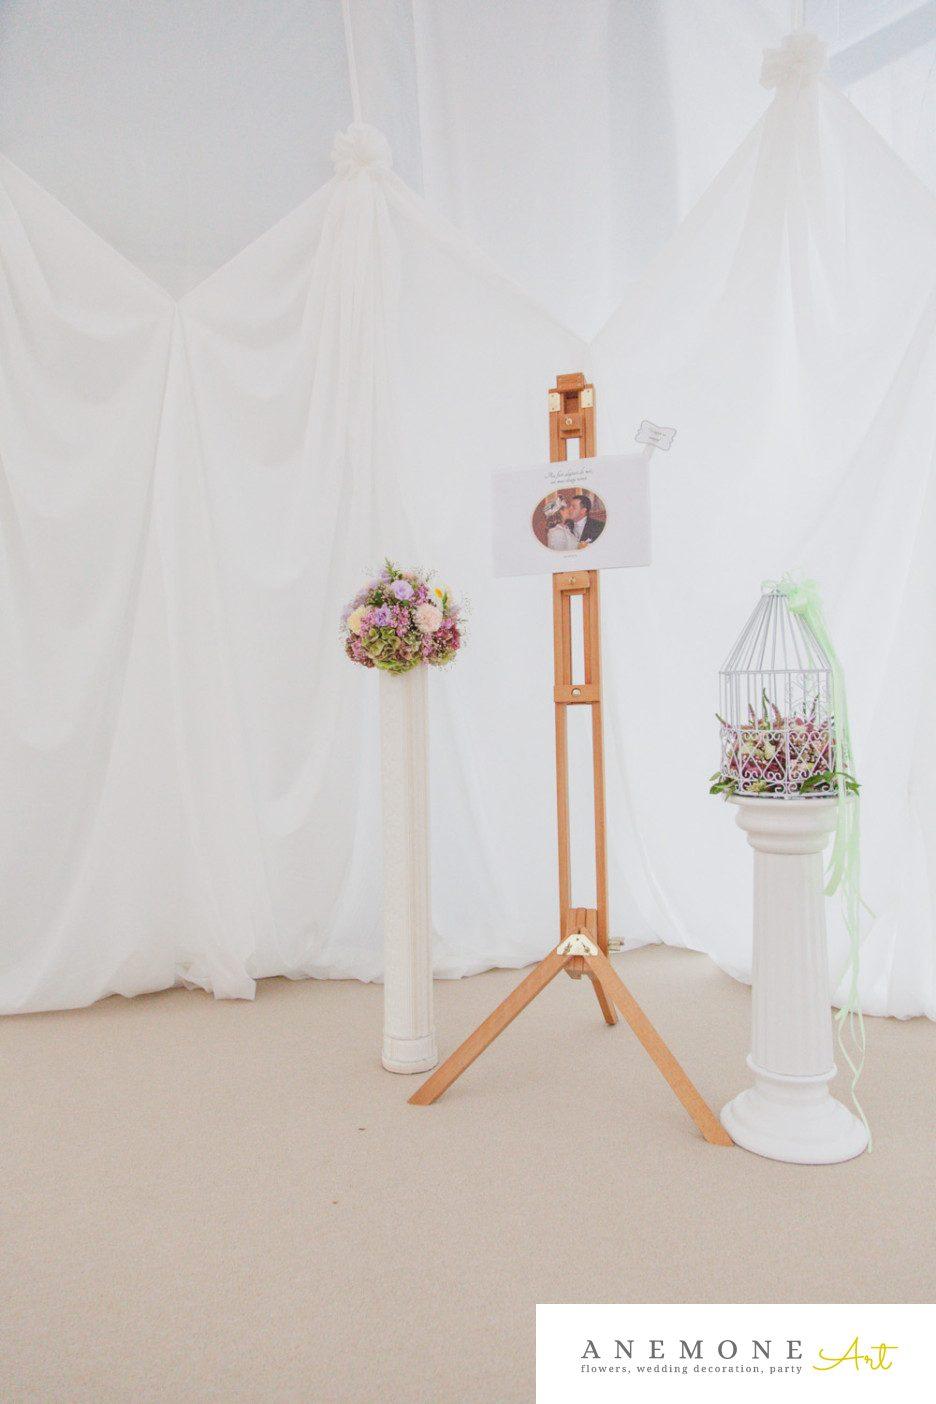 Poza, foto cu Flori de nunta colivie, decor sala, stalp in Arad, Timisoara, Oradea (wedding flowers, bouquets) nunta Arad, Timisoara, Oradea